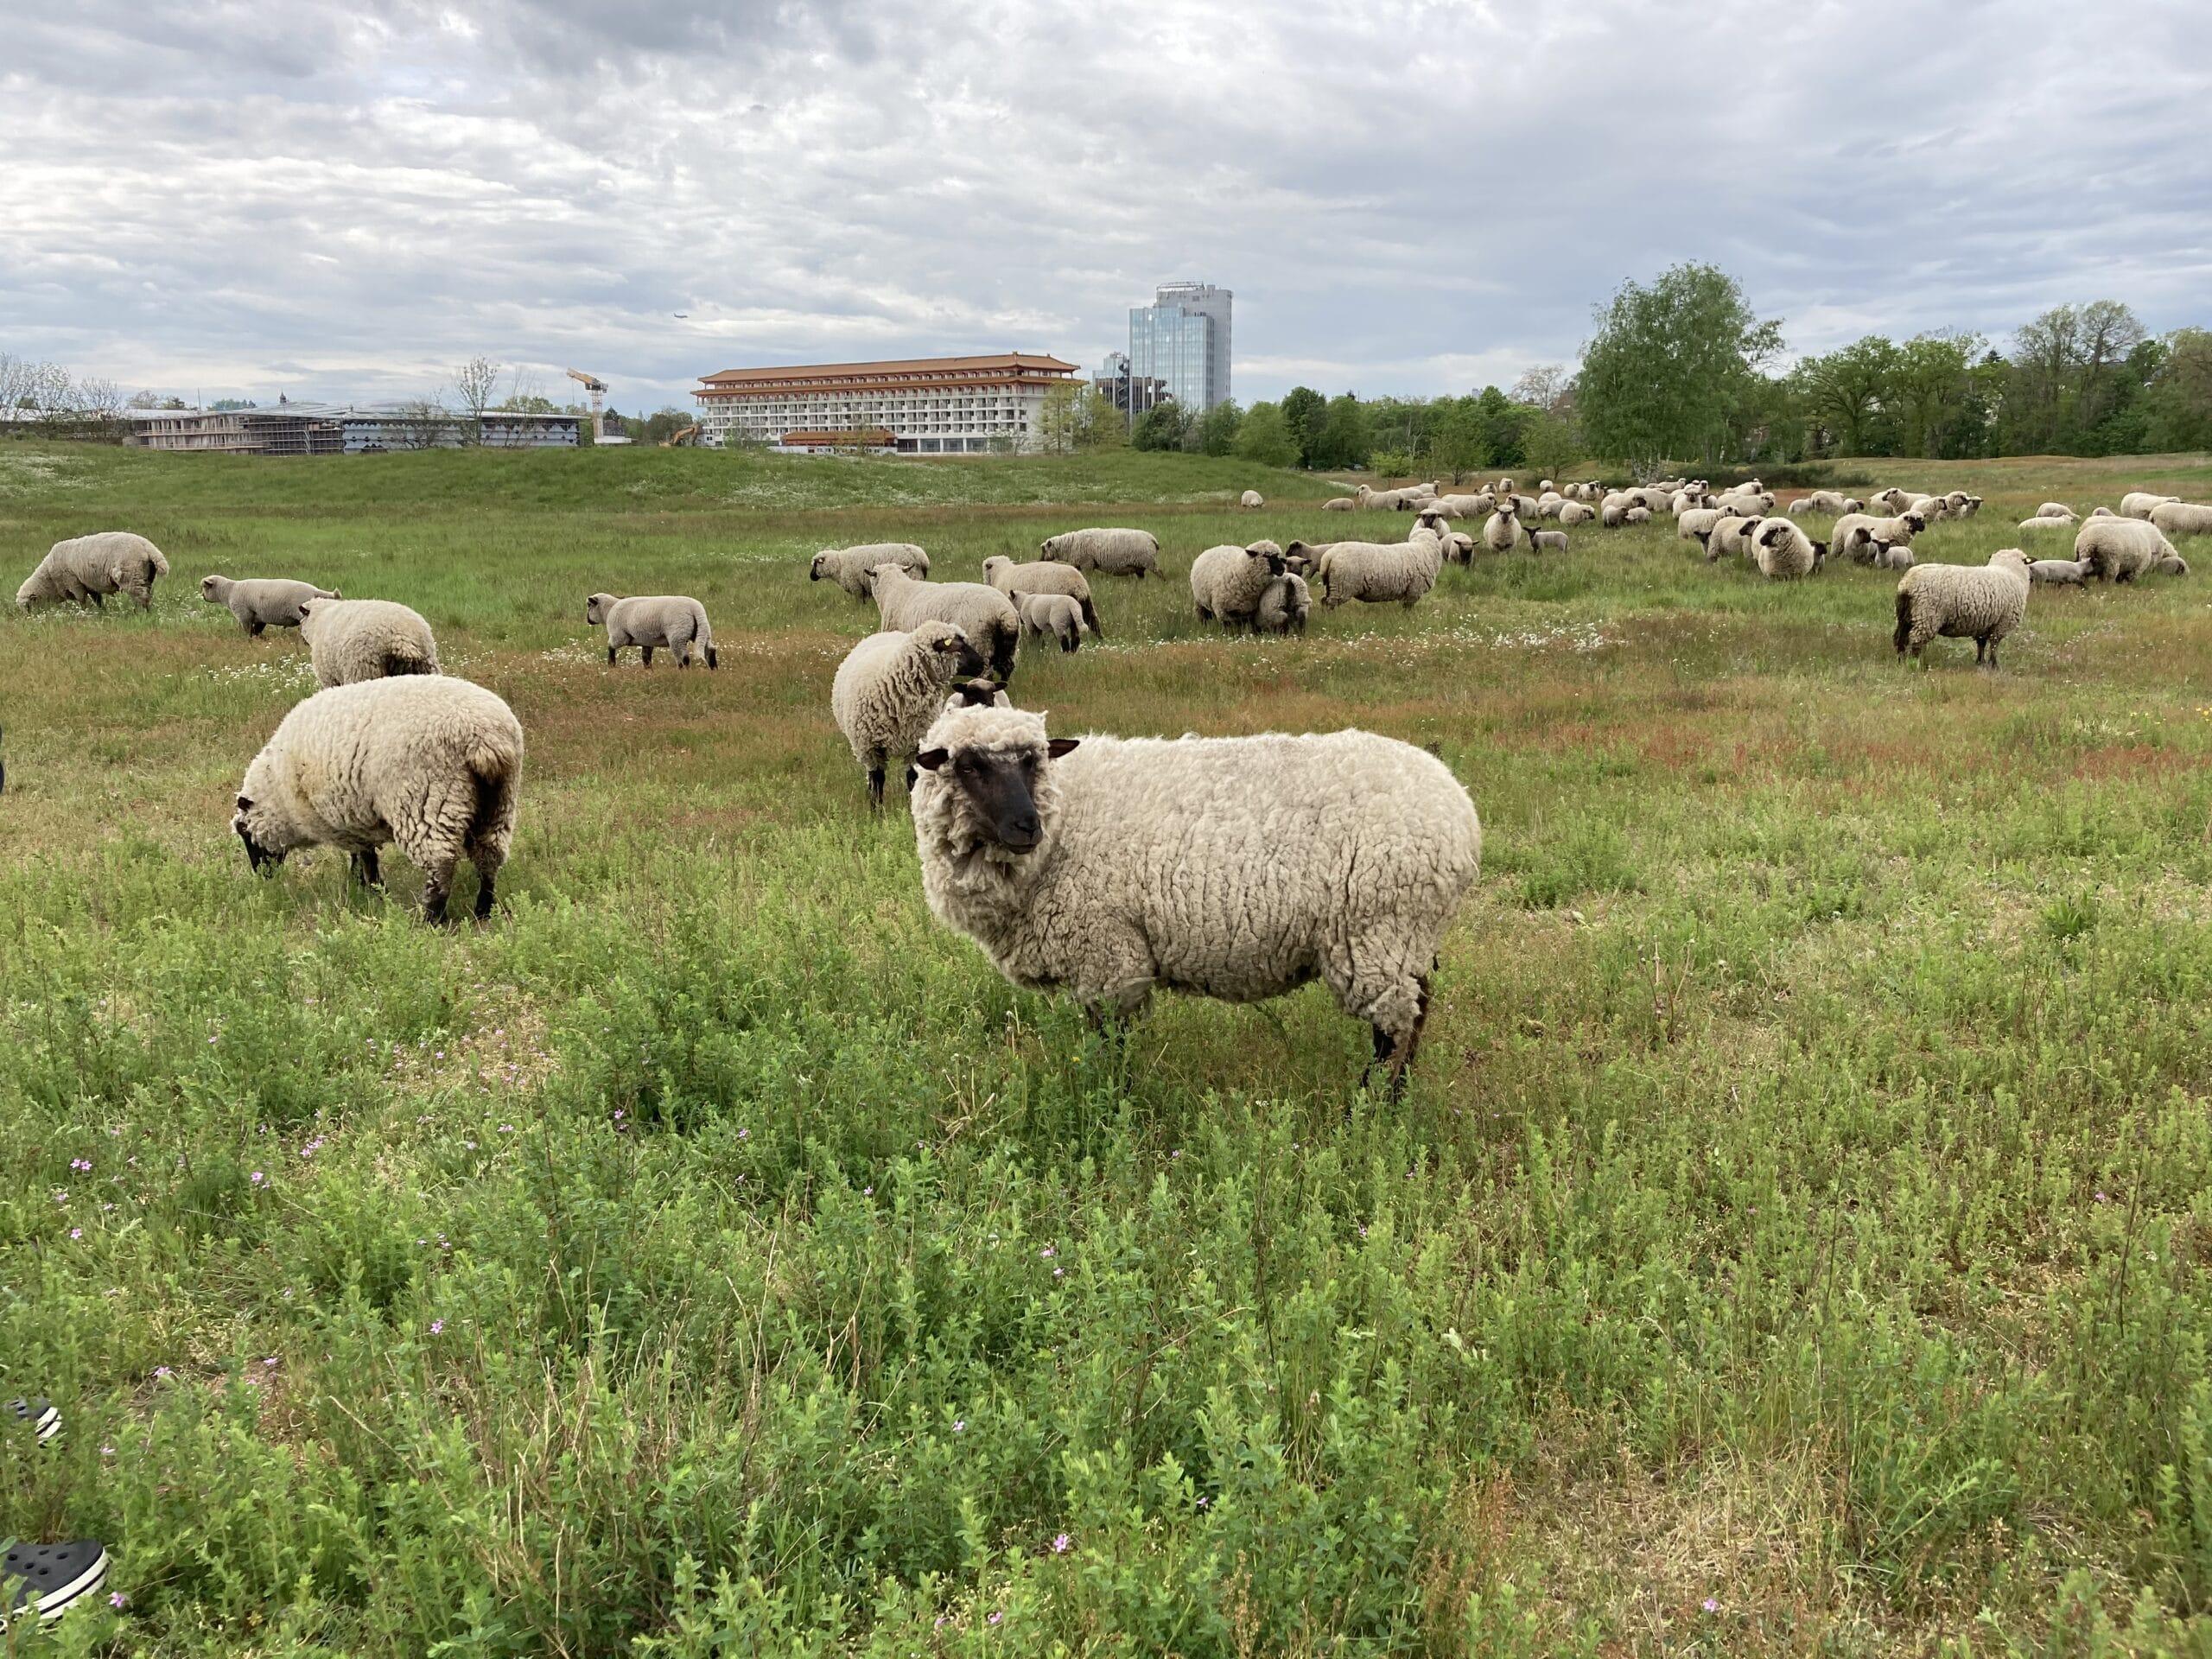 Ausflug zu den Schafen